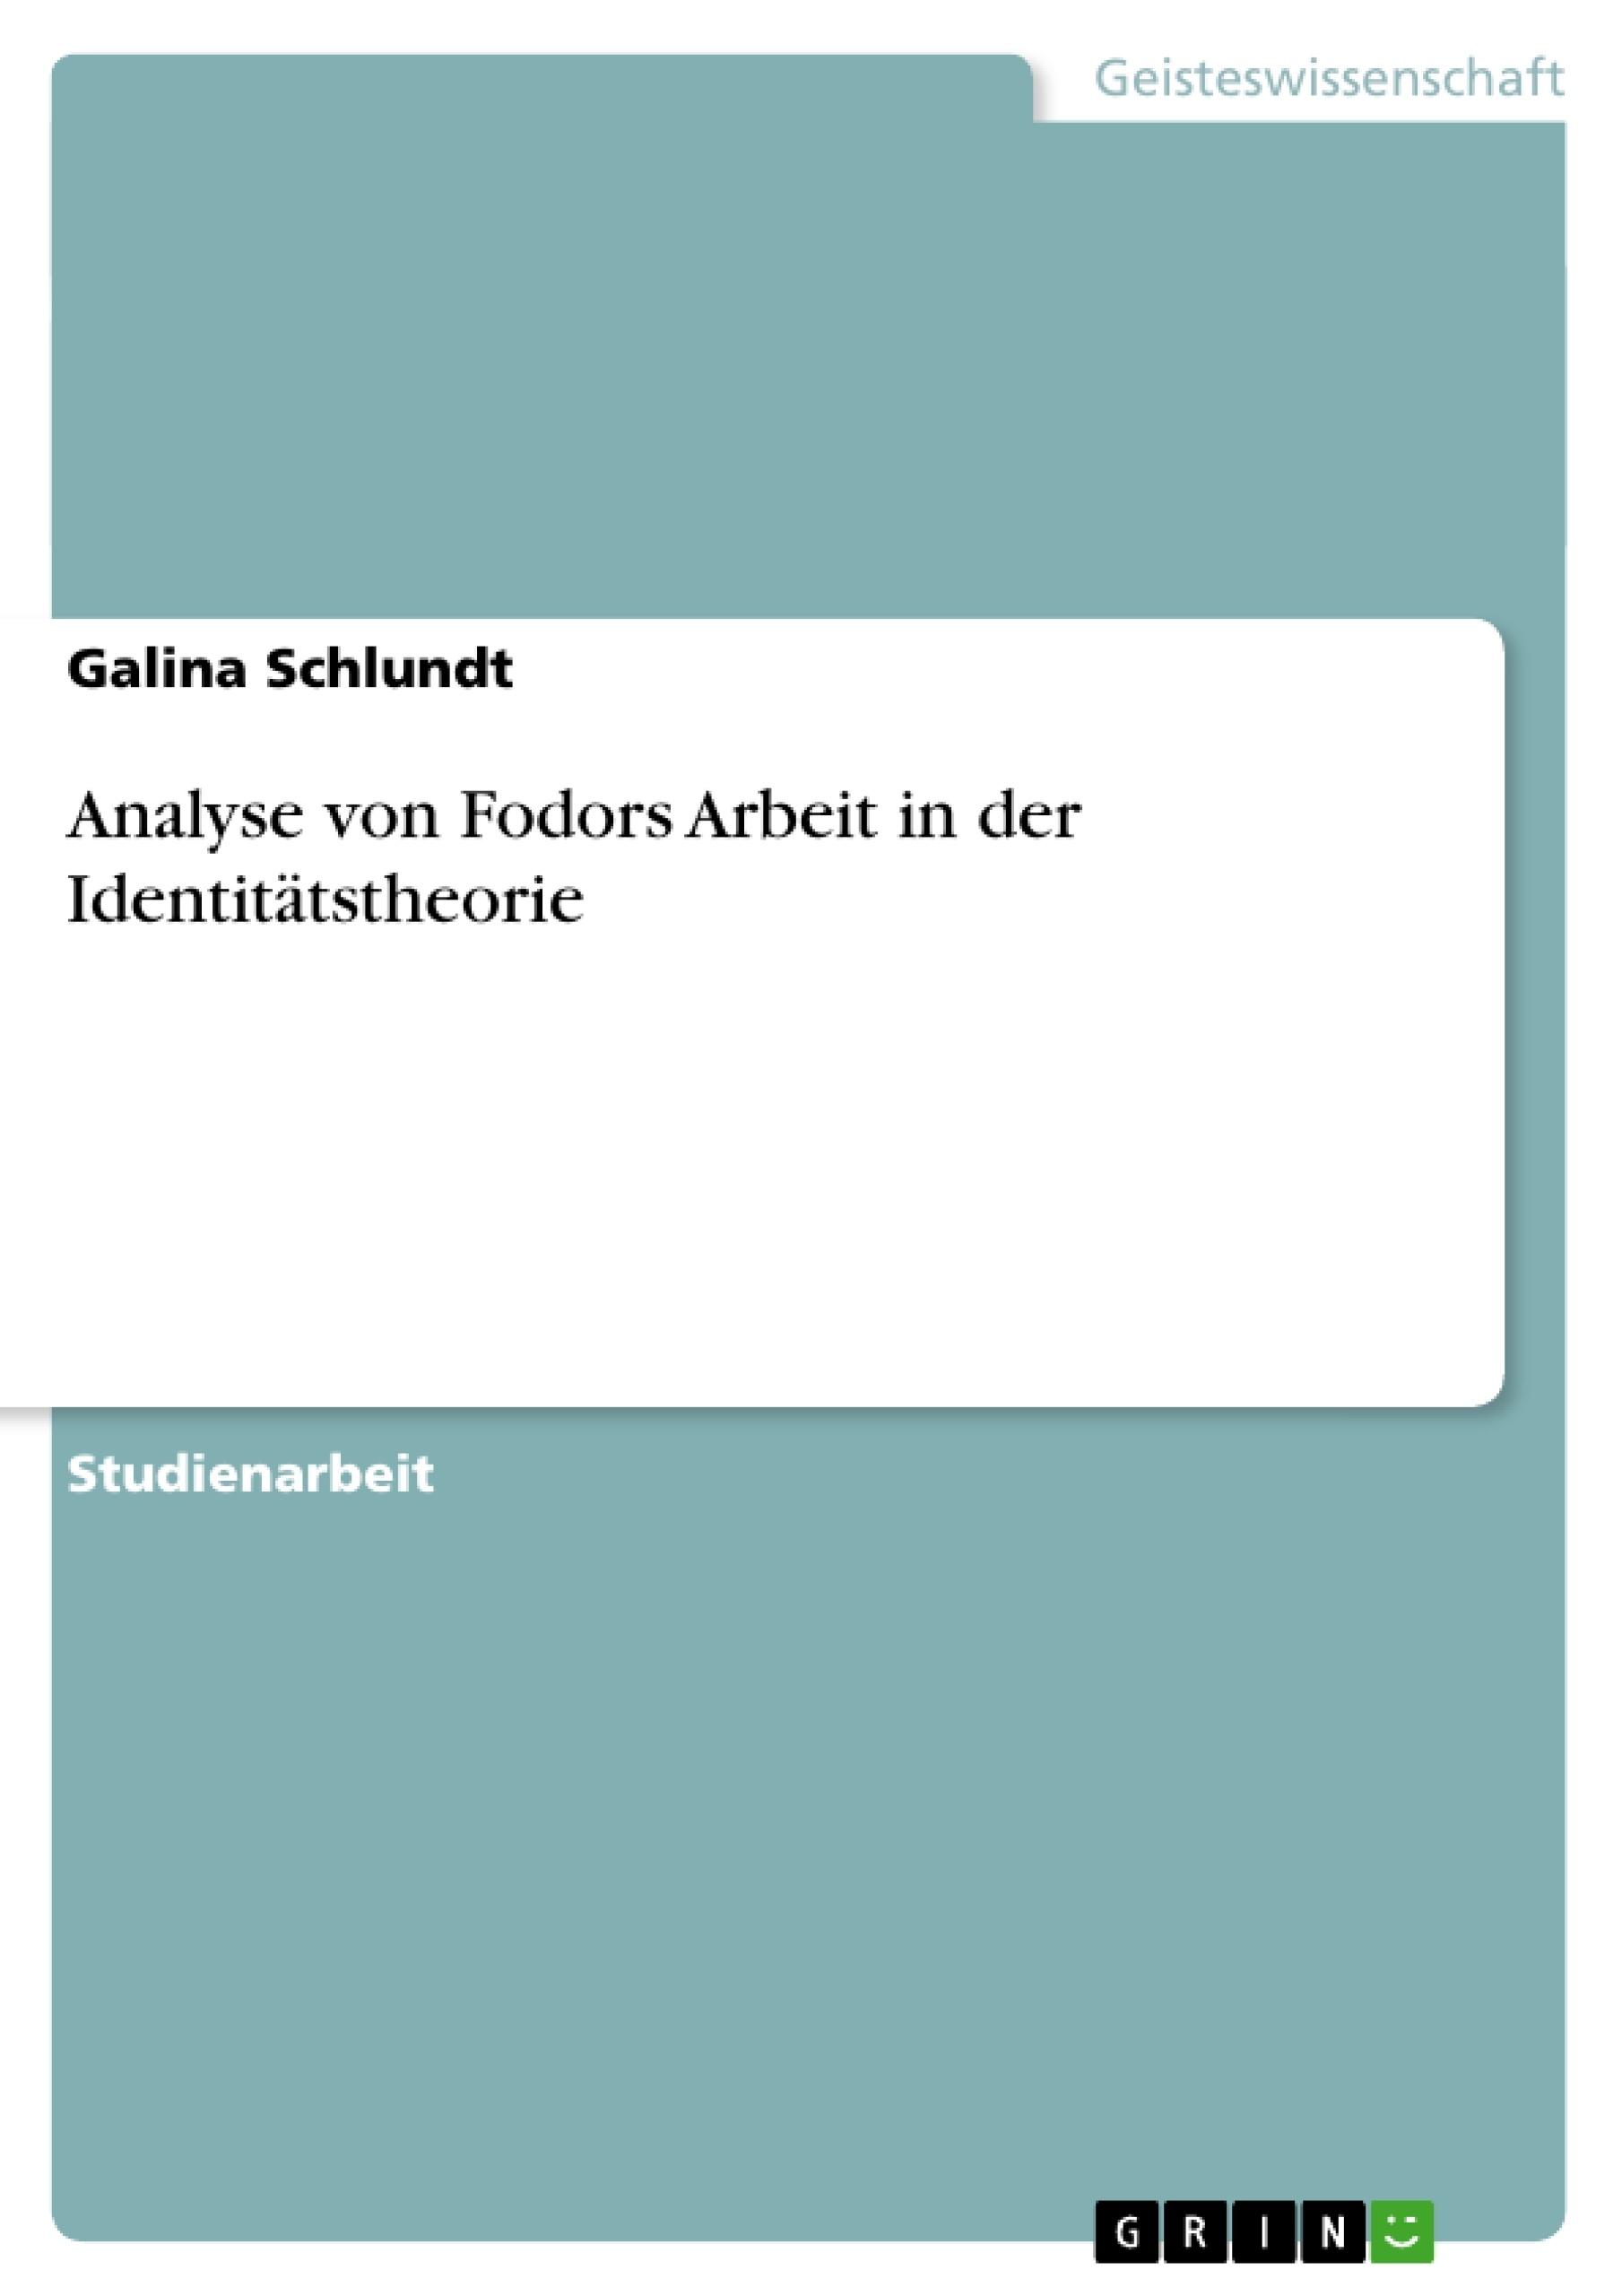 Titel: Analyse von Fodors Arbeit in der Identitätstheorie